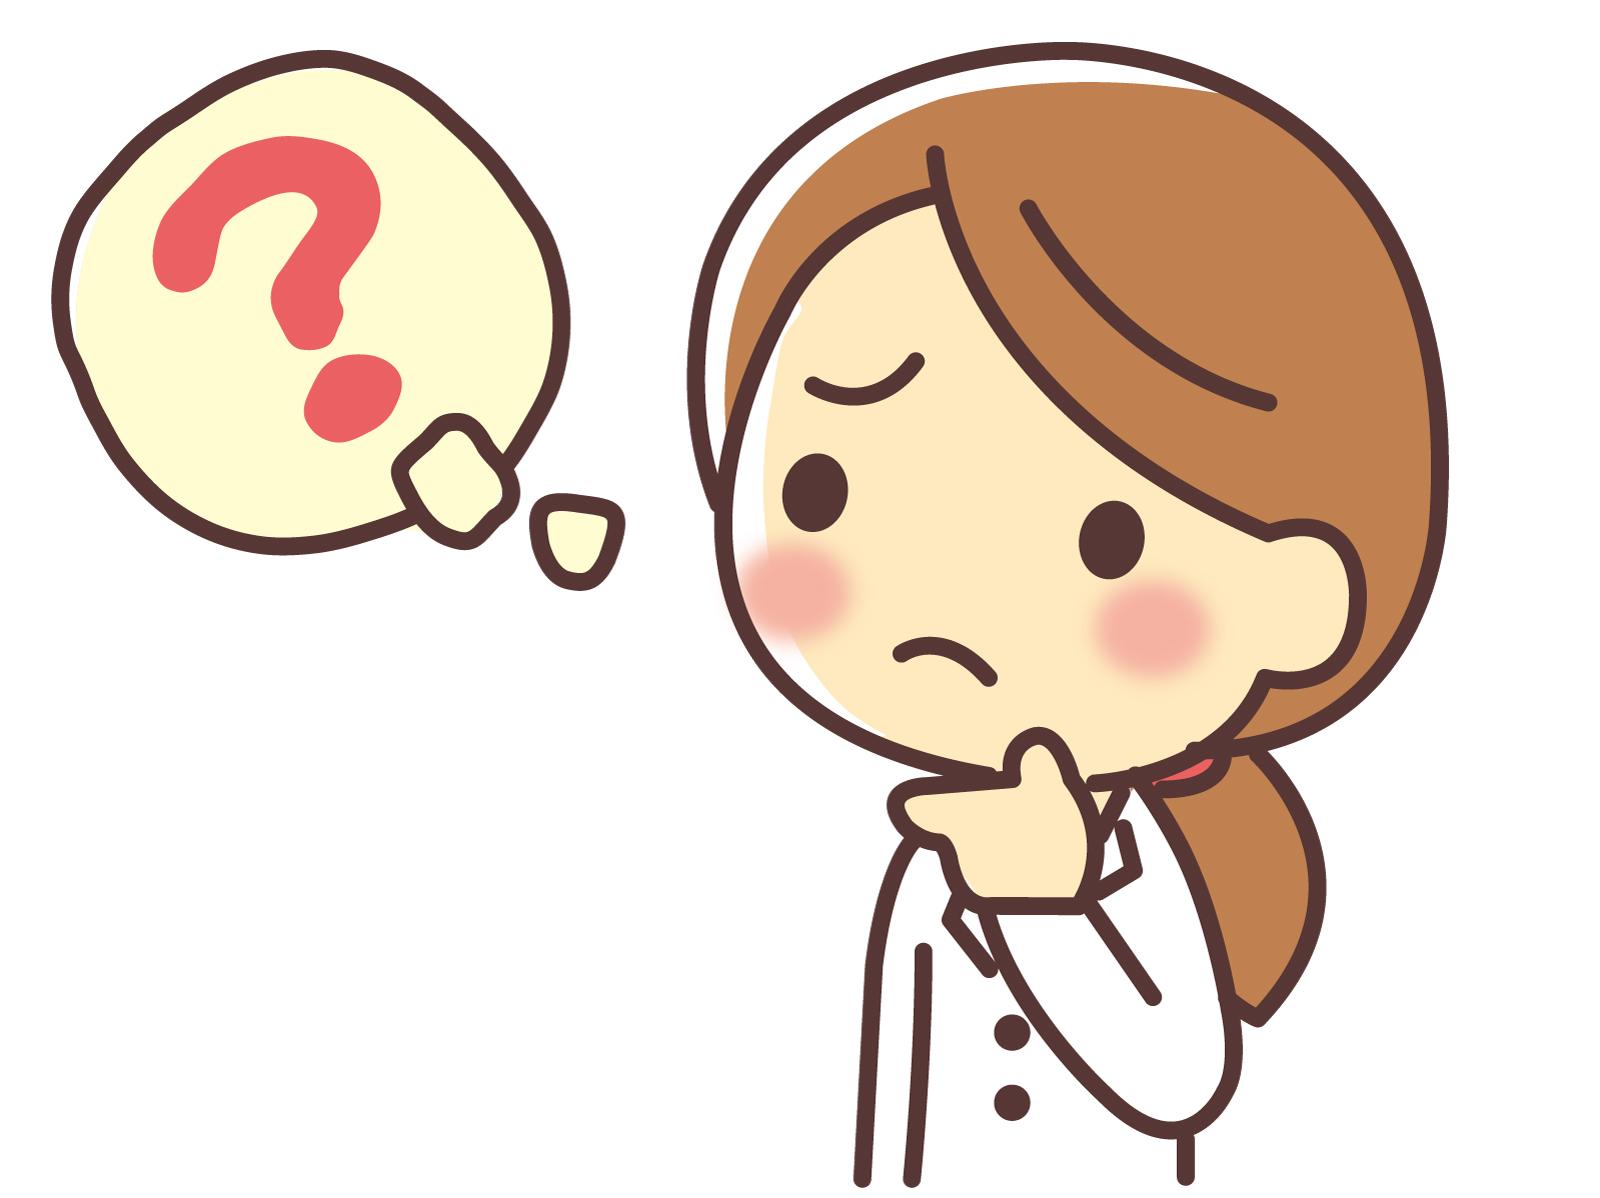 641995 コラーゲンやケラチンは、肌に塗って栄養になるの?